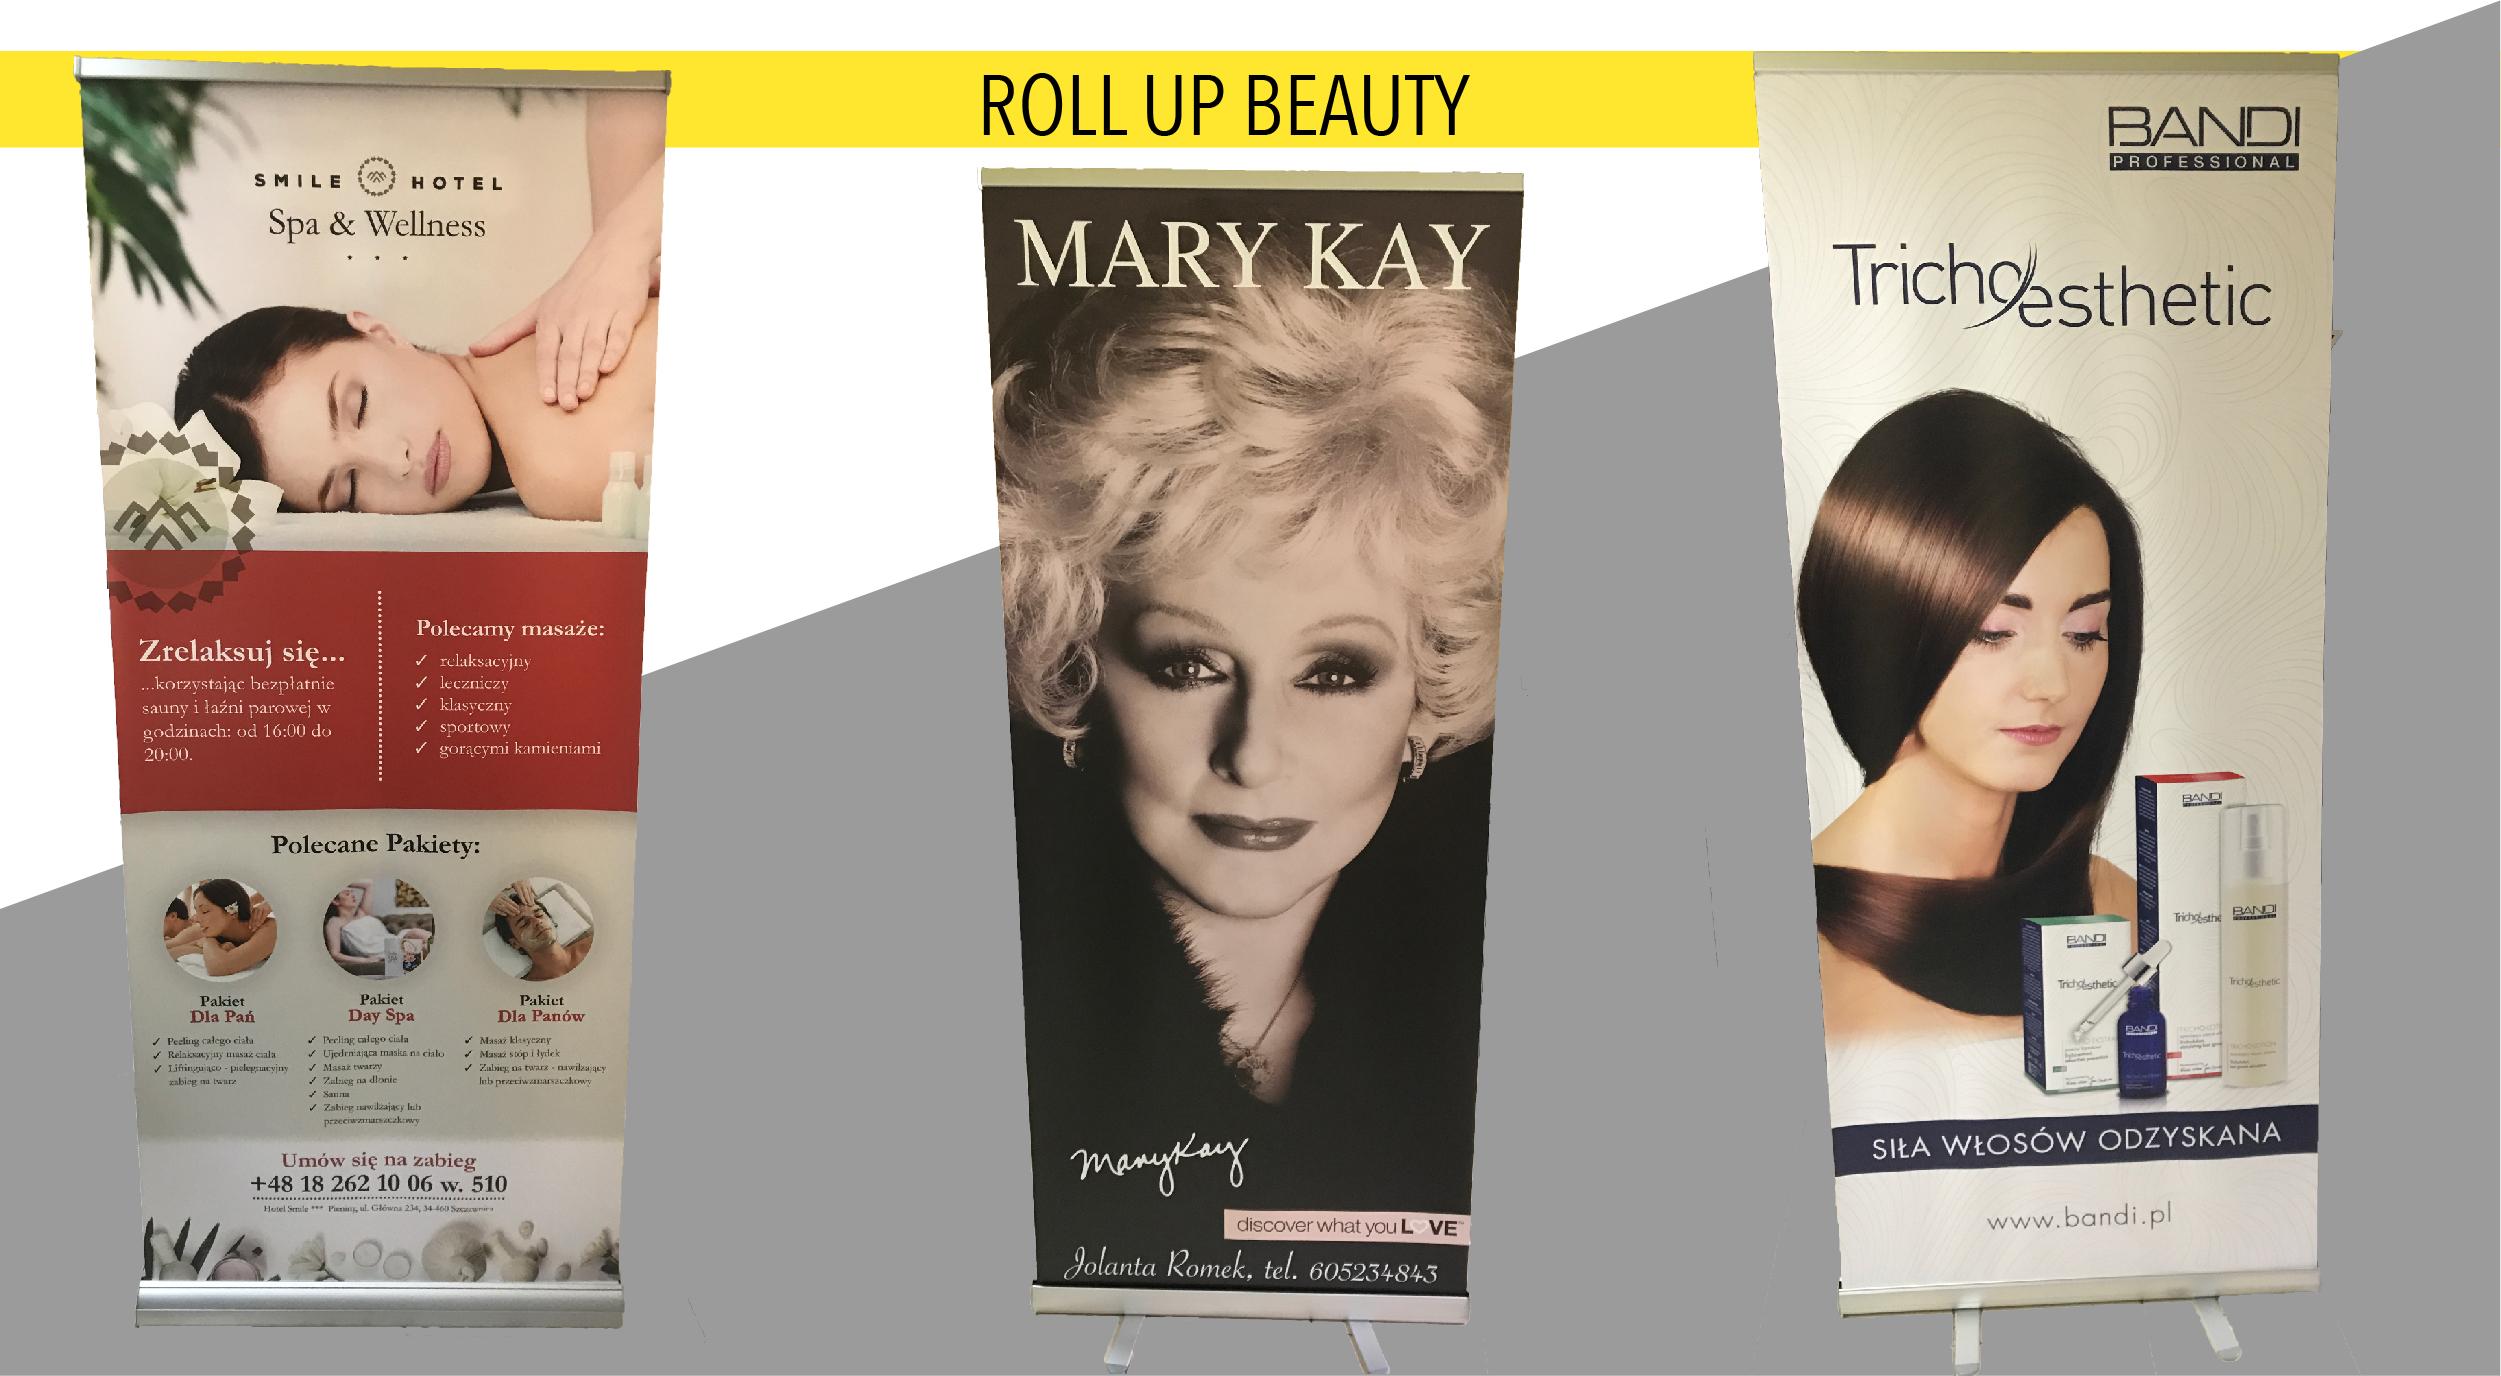 Roll up z logo - strefa beauty